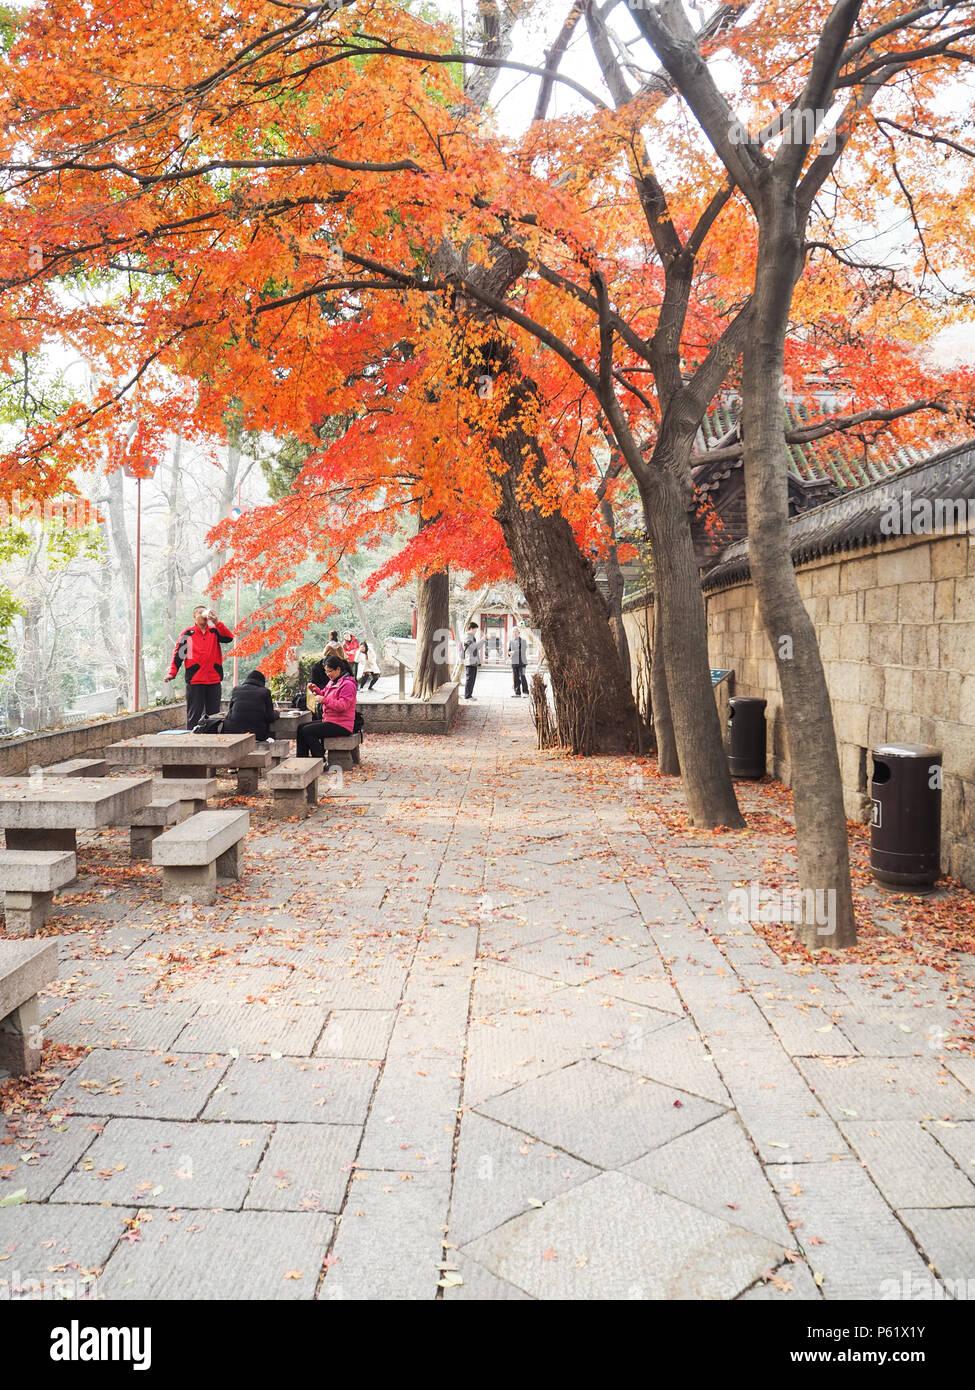 Turista che visita il Taiqing gong o tempio di purezza suprema sulla montagna Lau durante l'autunno Immagini Stock